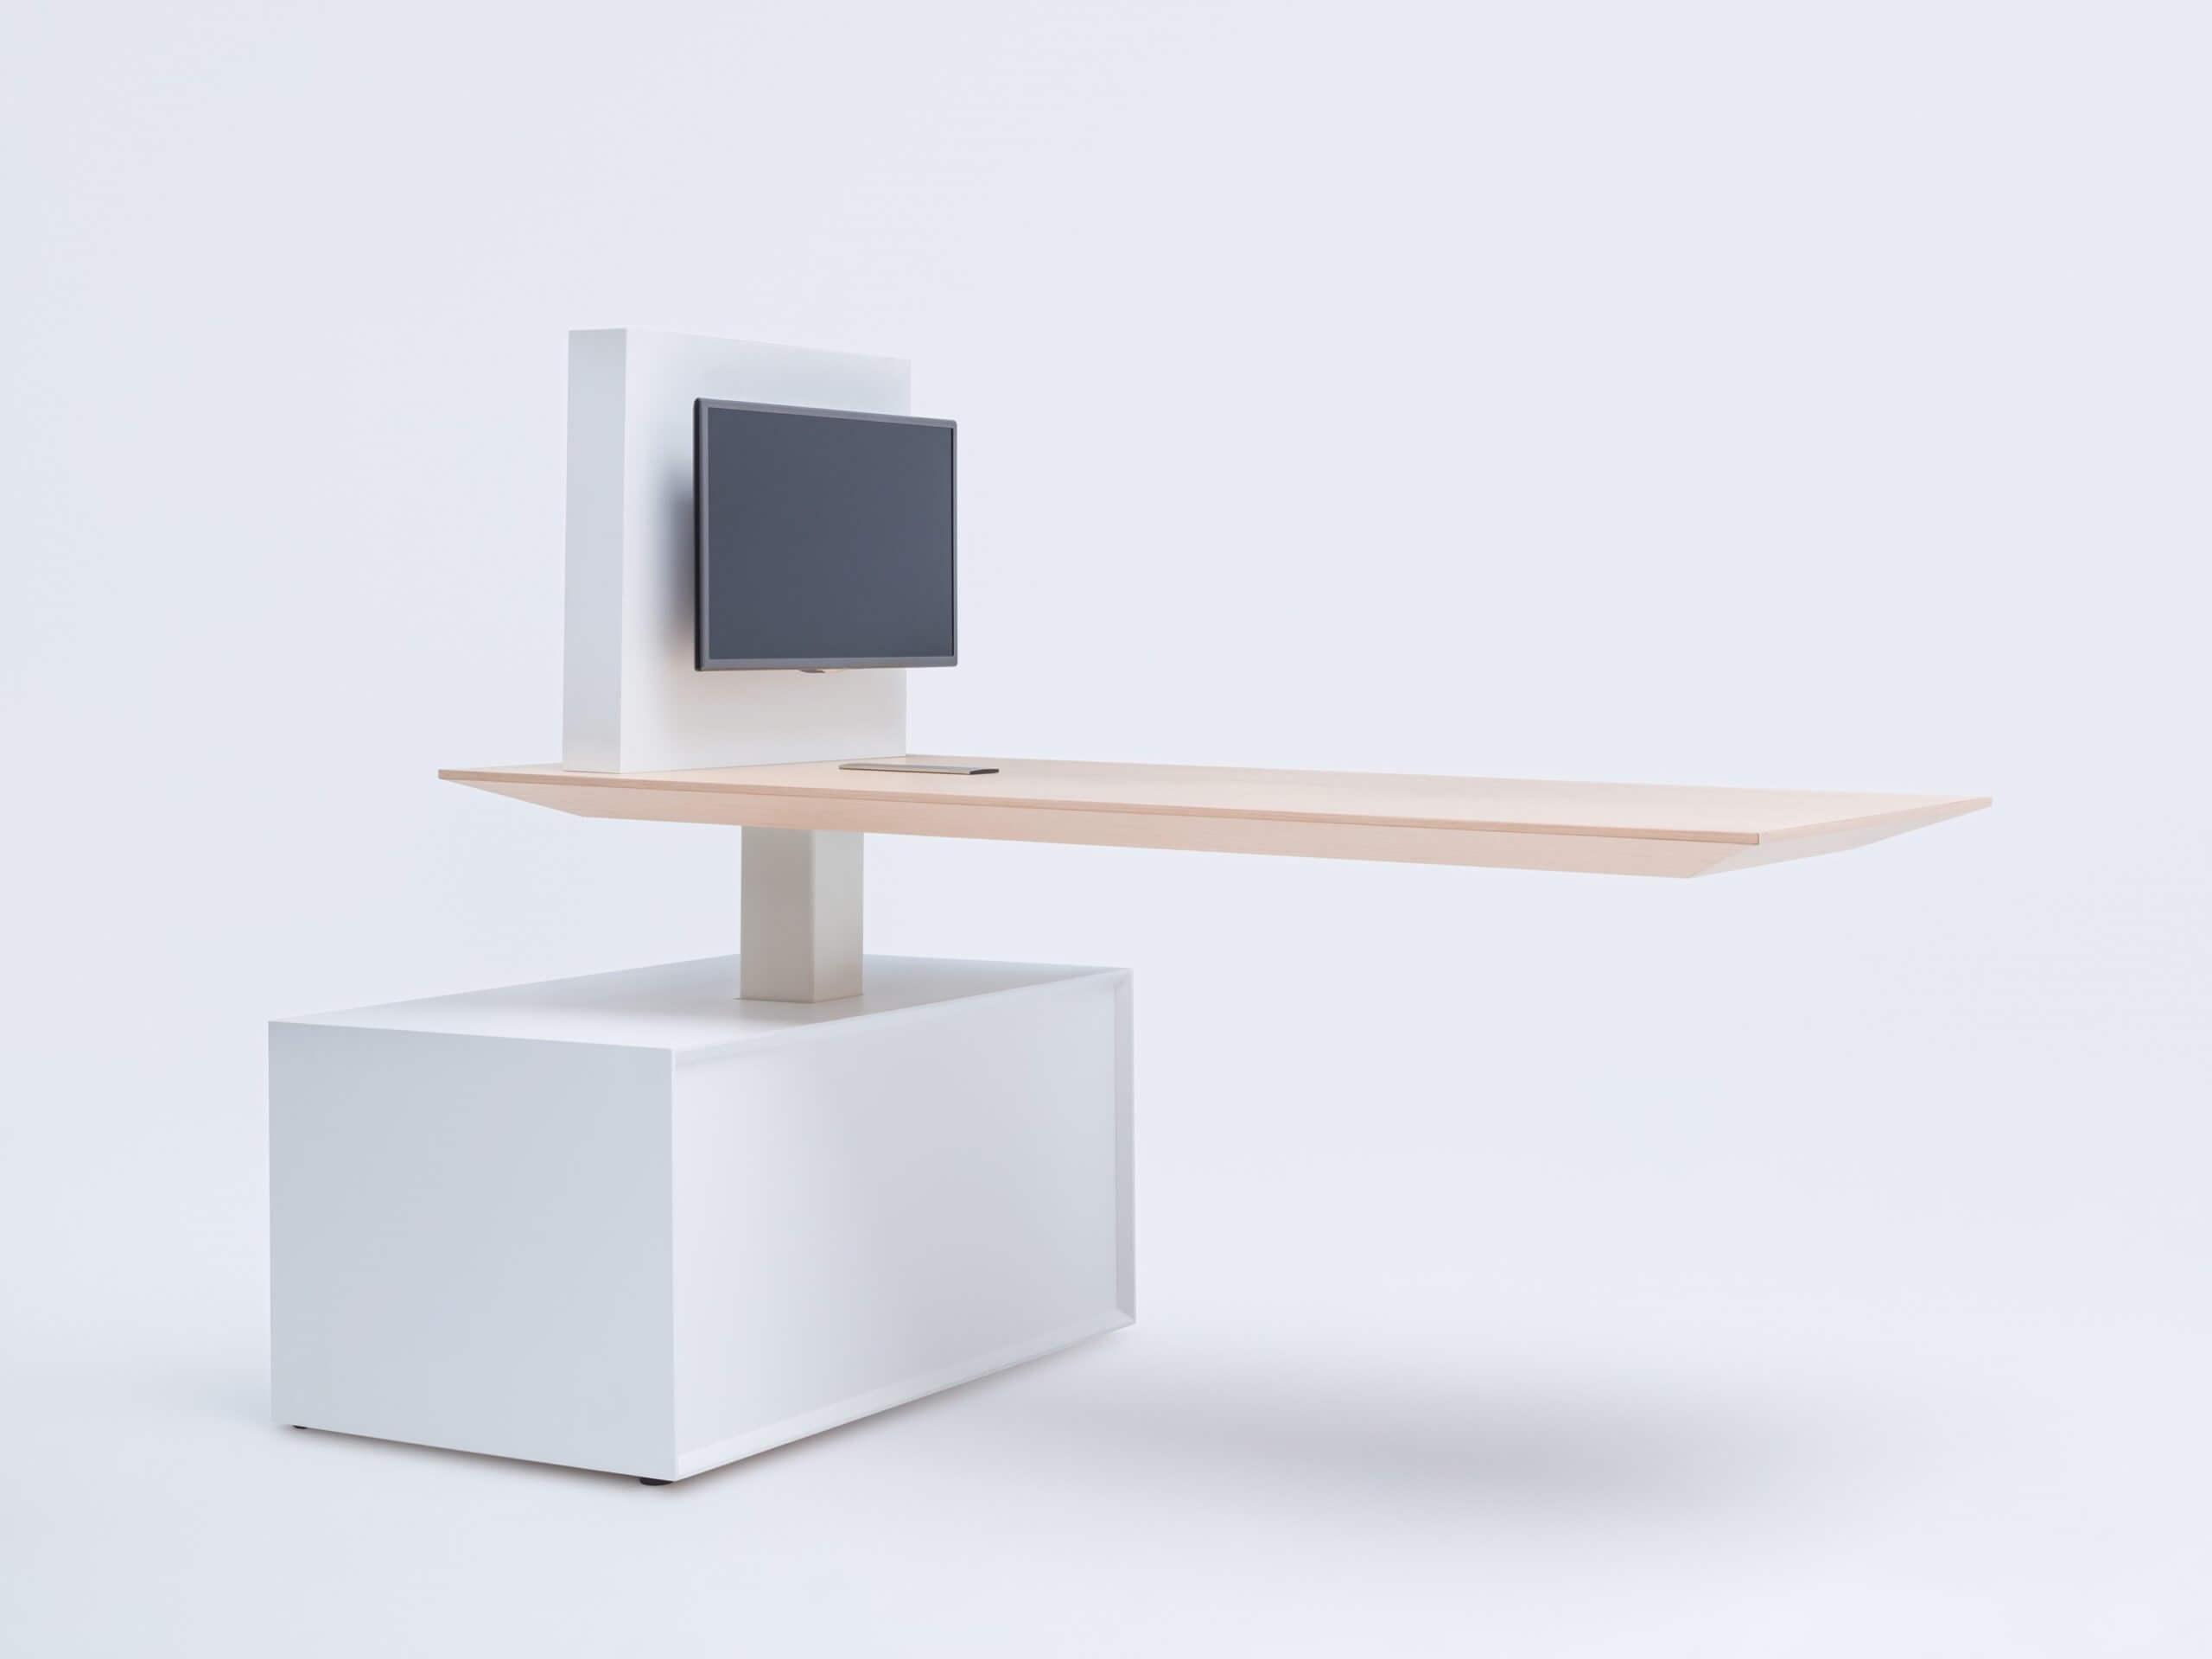 Table réglable en hauteur design